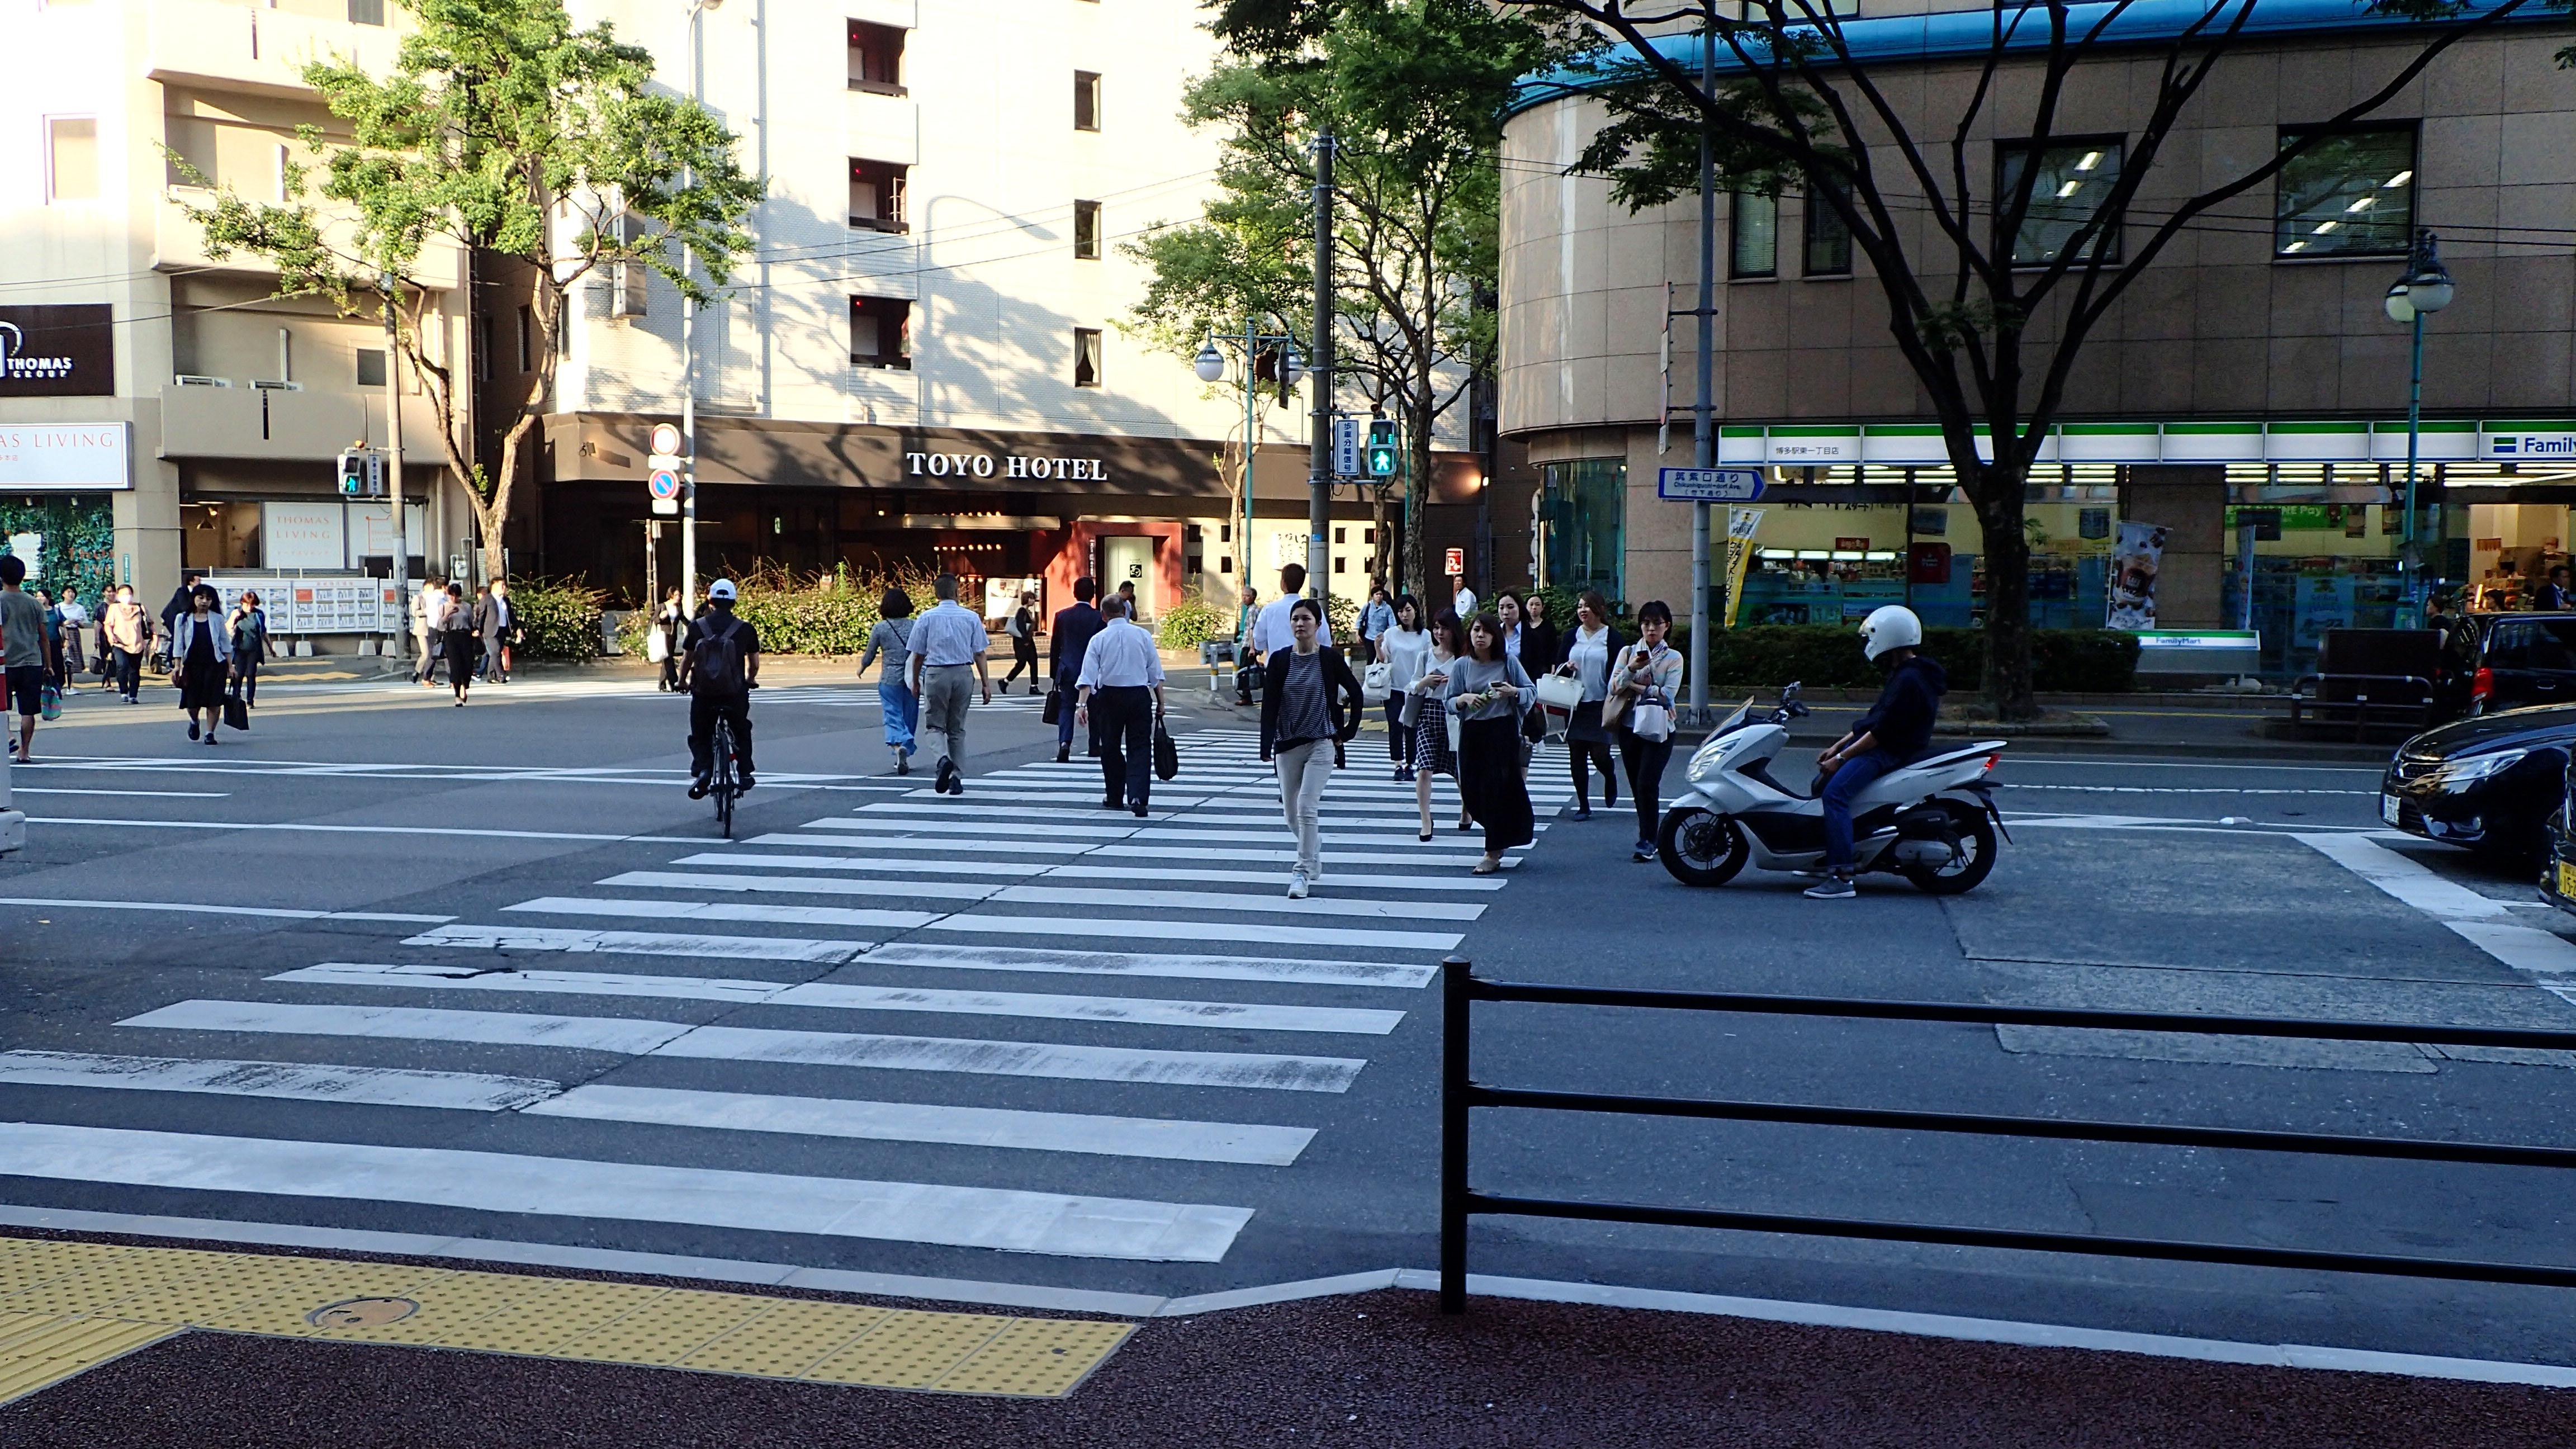 交番を左手に見ながら通り過ぎ、そのまま直進